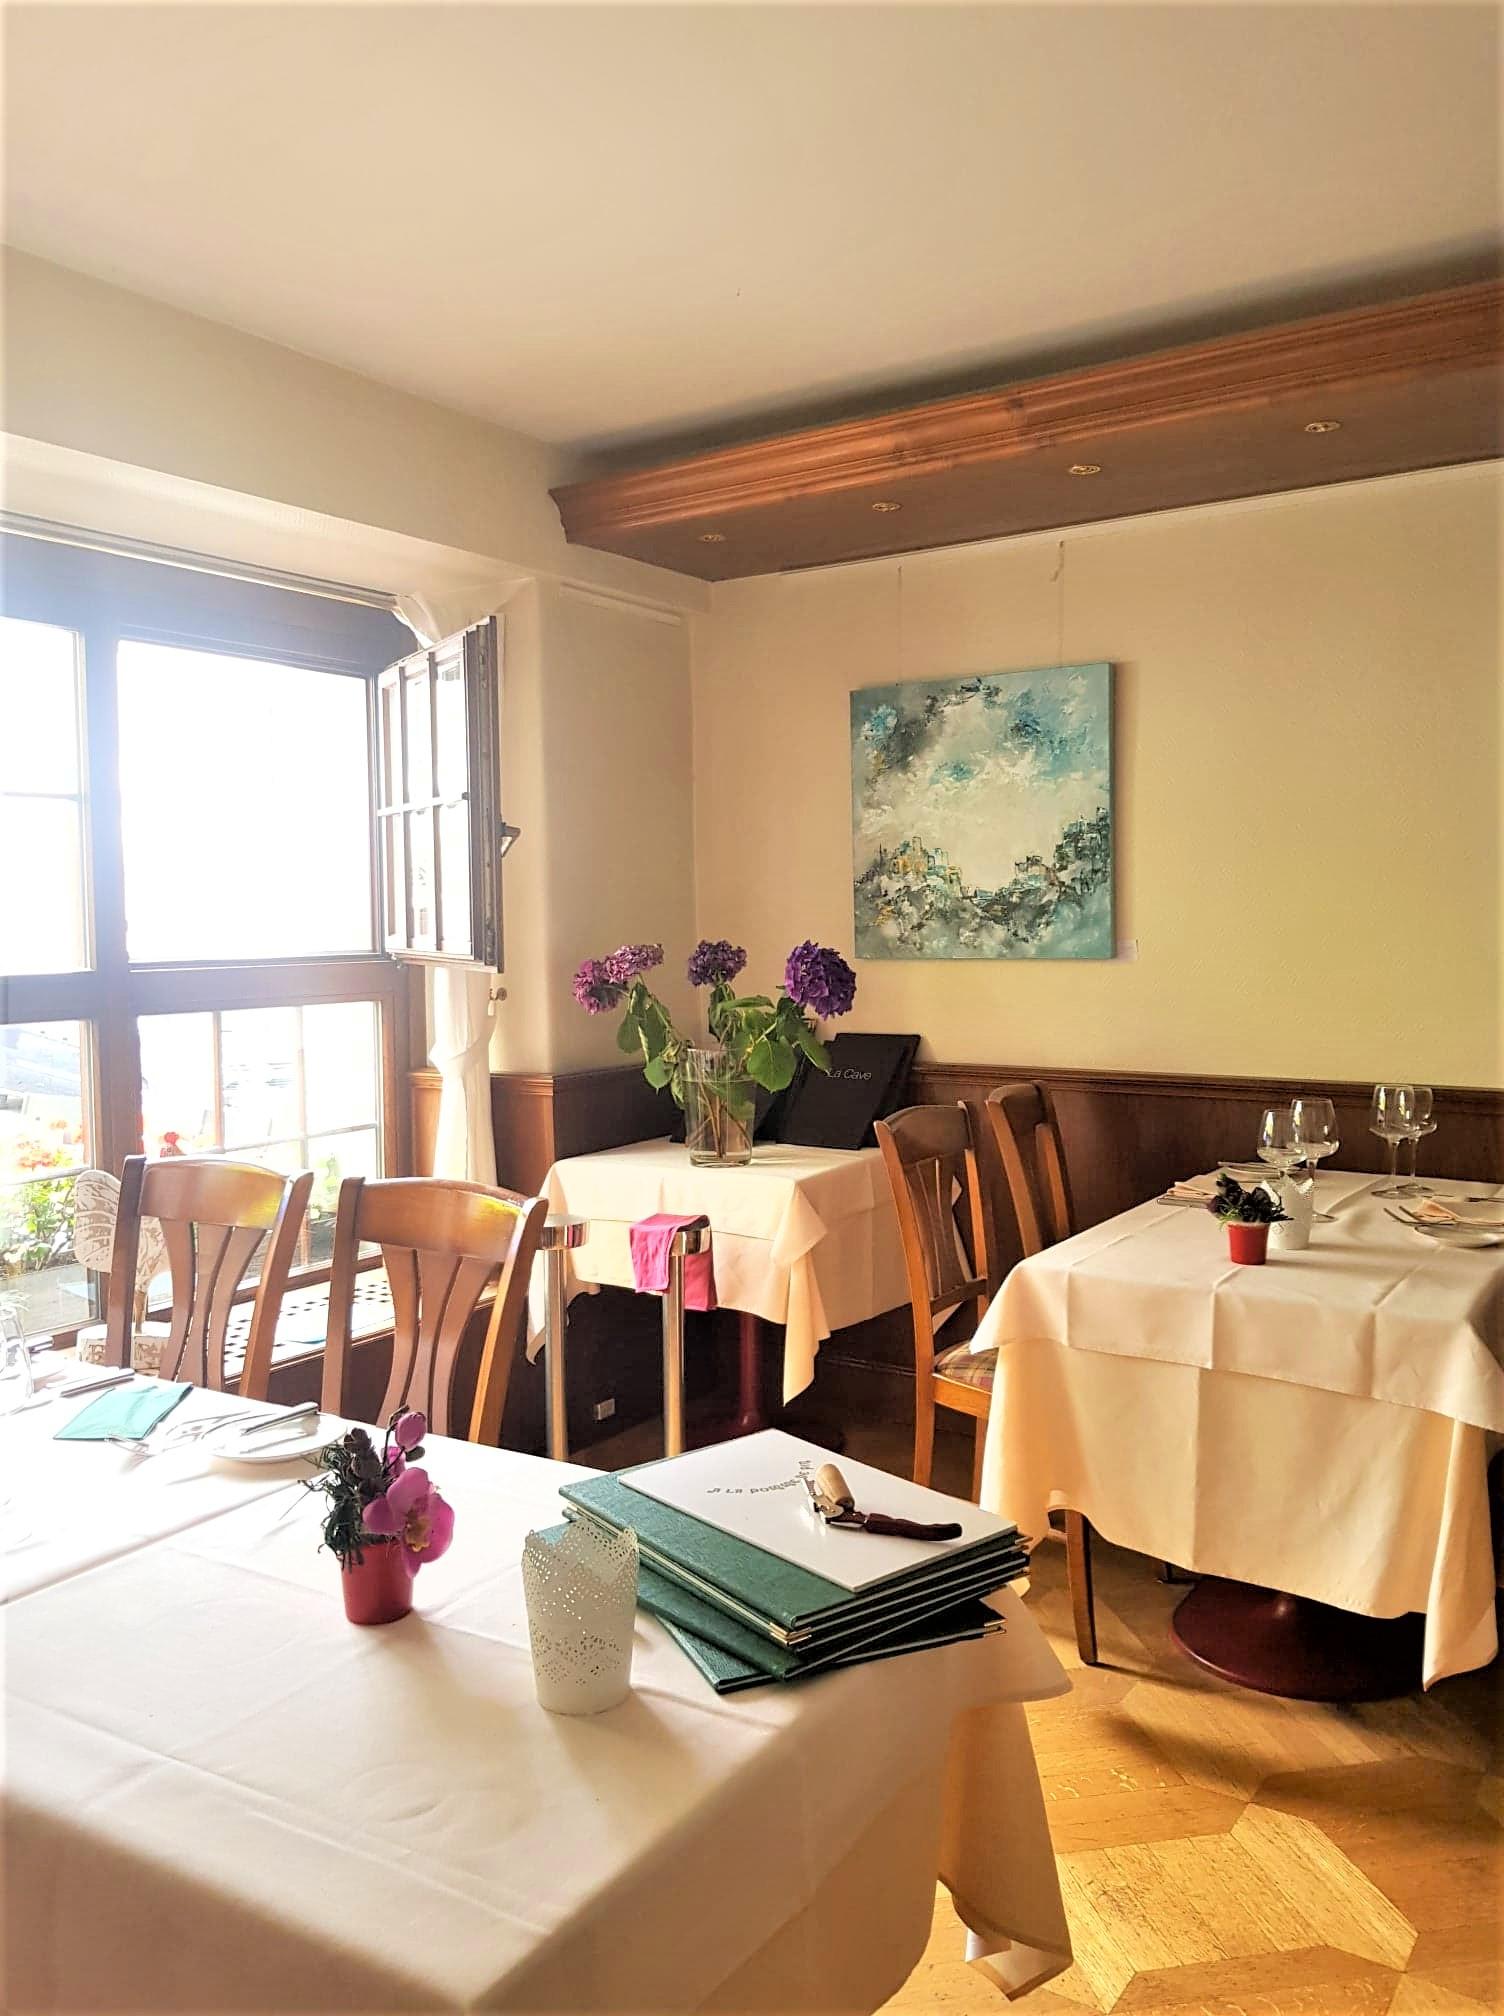 La pomme de pin restaurant Lausanne Suisse clioandco blog voyage intérieur